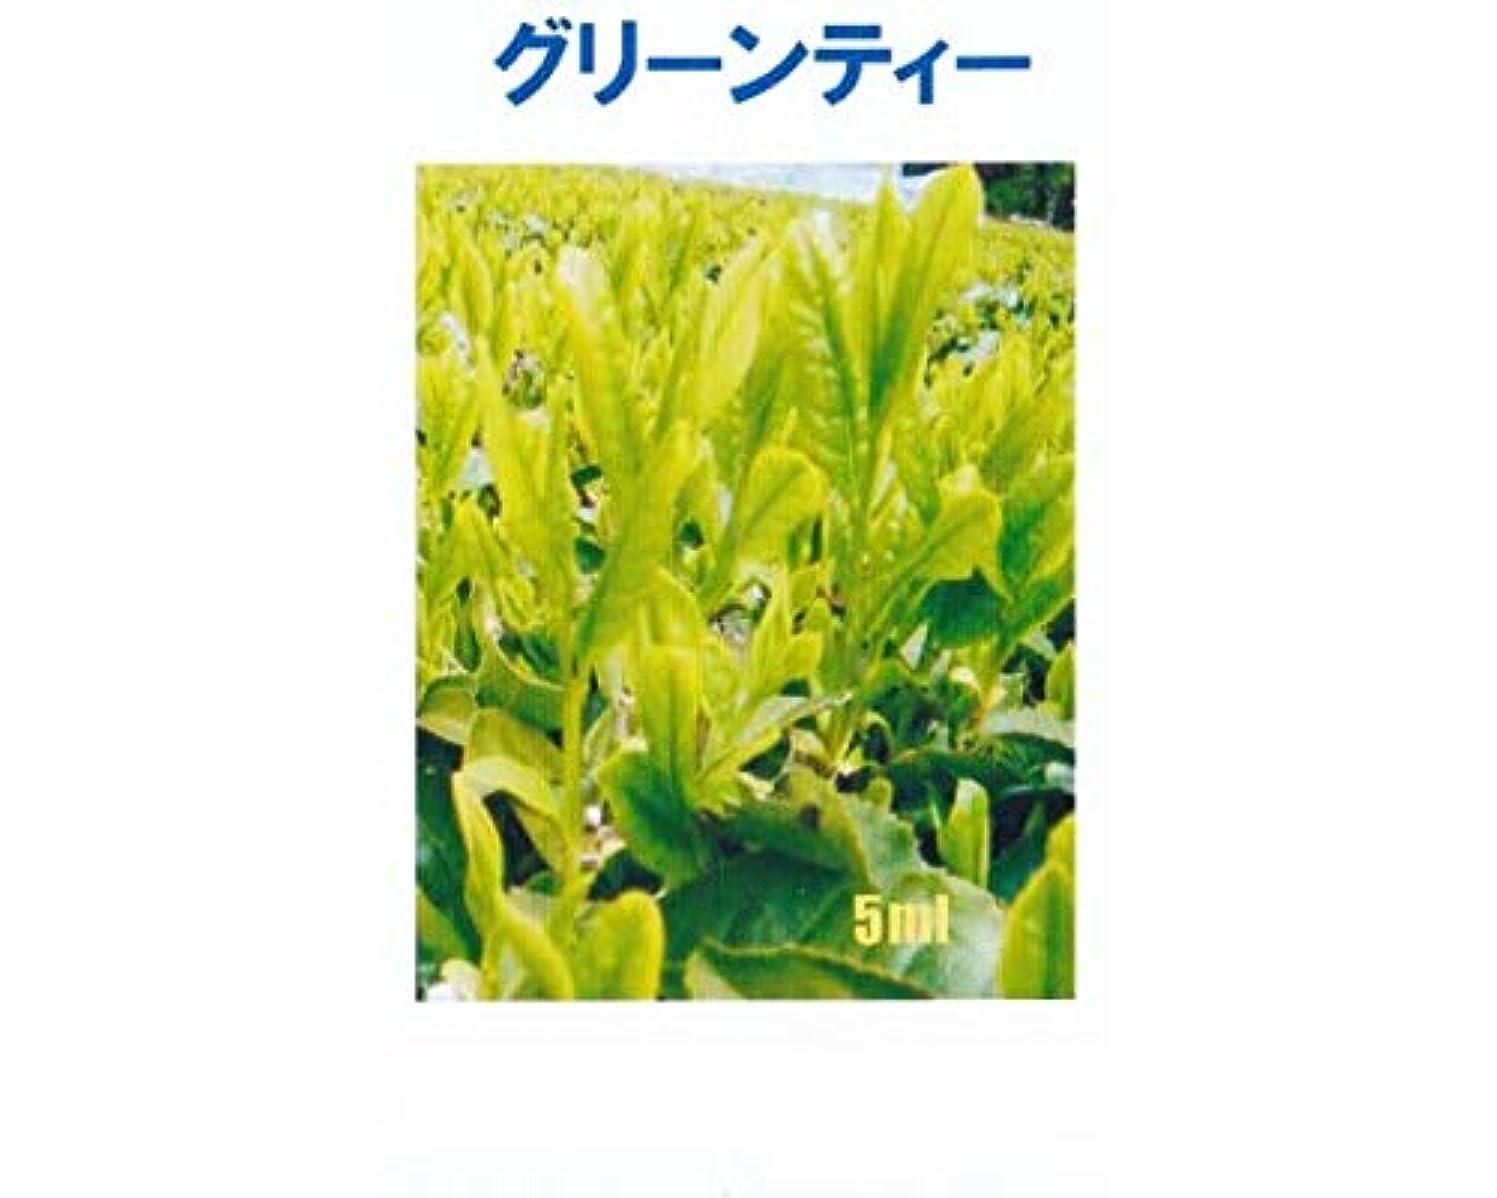 説明する村アクセシブルアロマオイル グリーンティー 5ml エッセンシャルオイル 100%天然成分